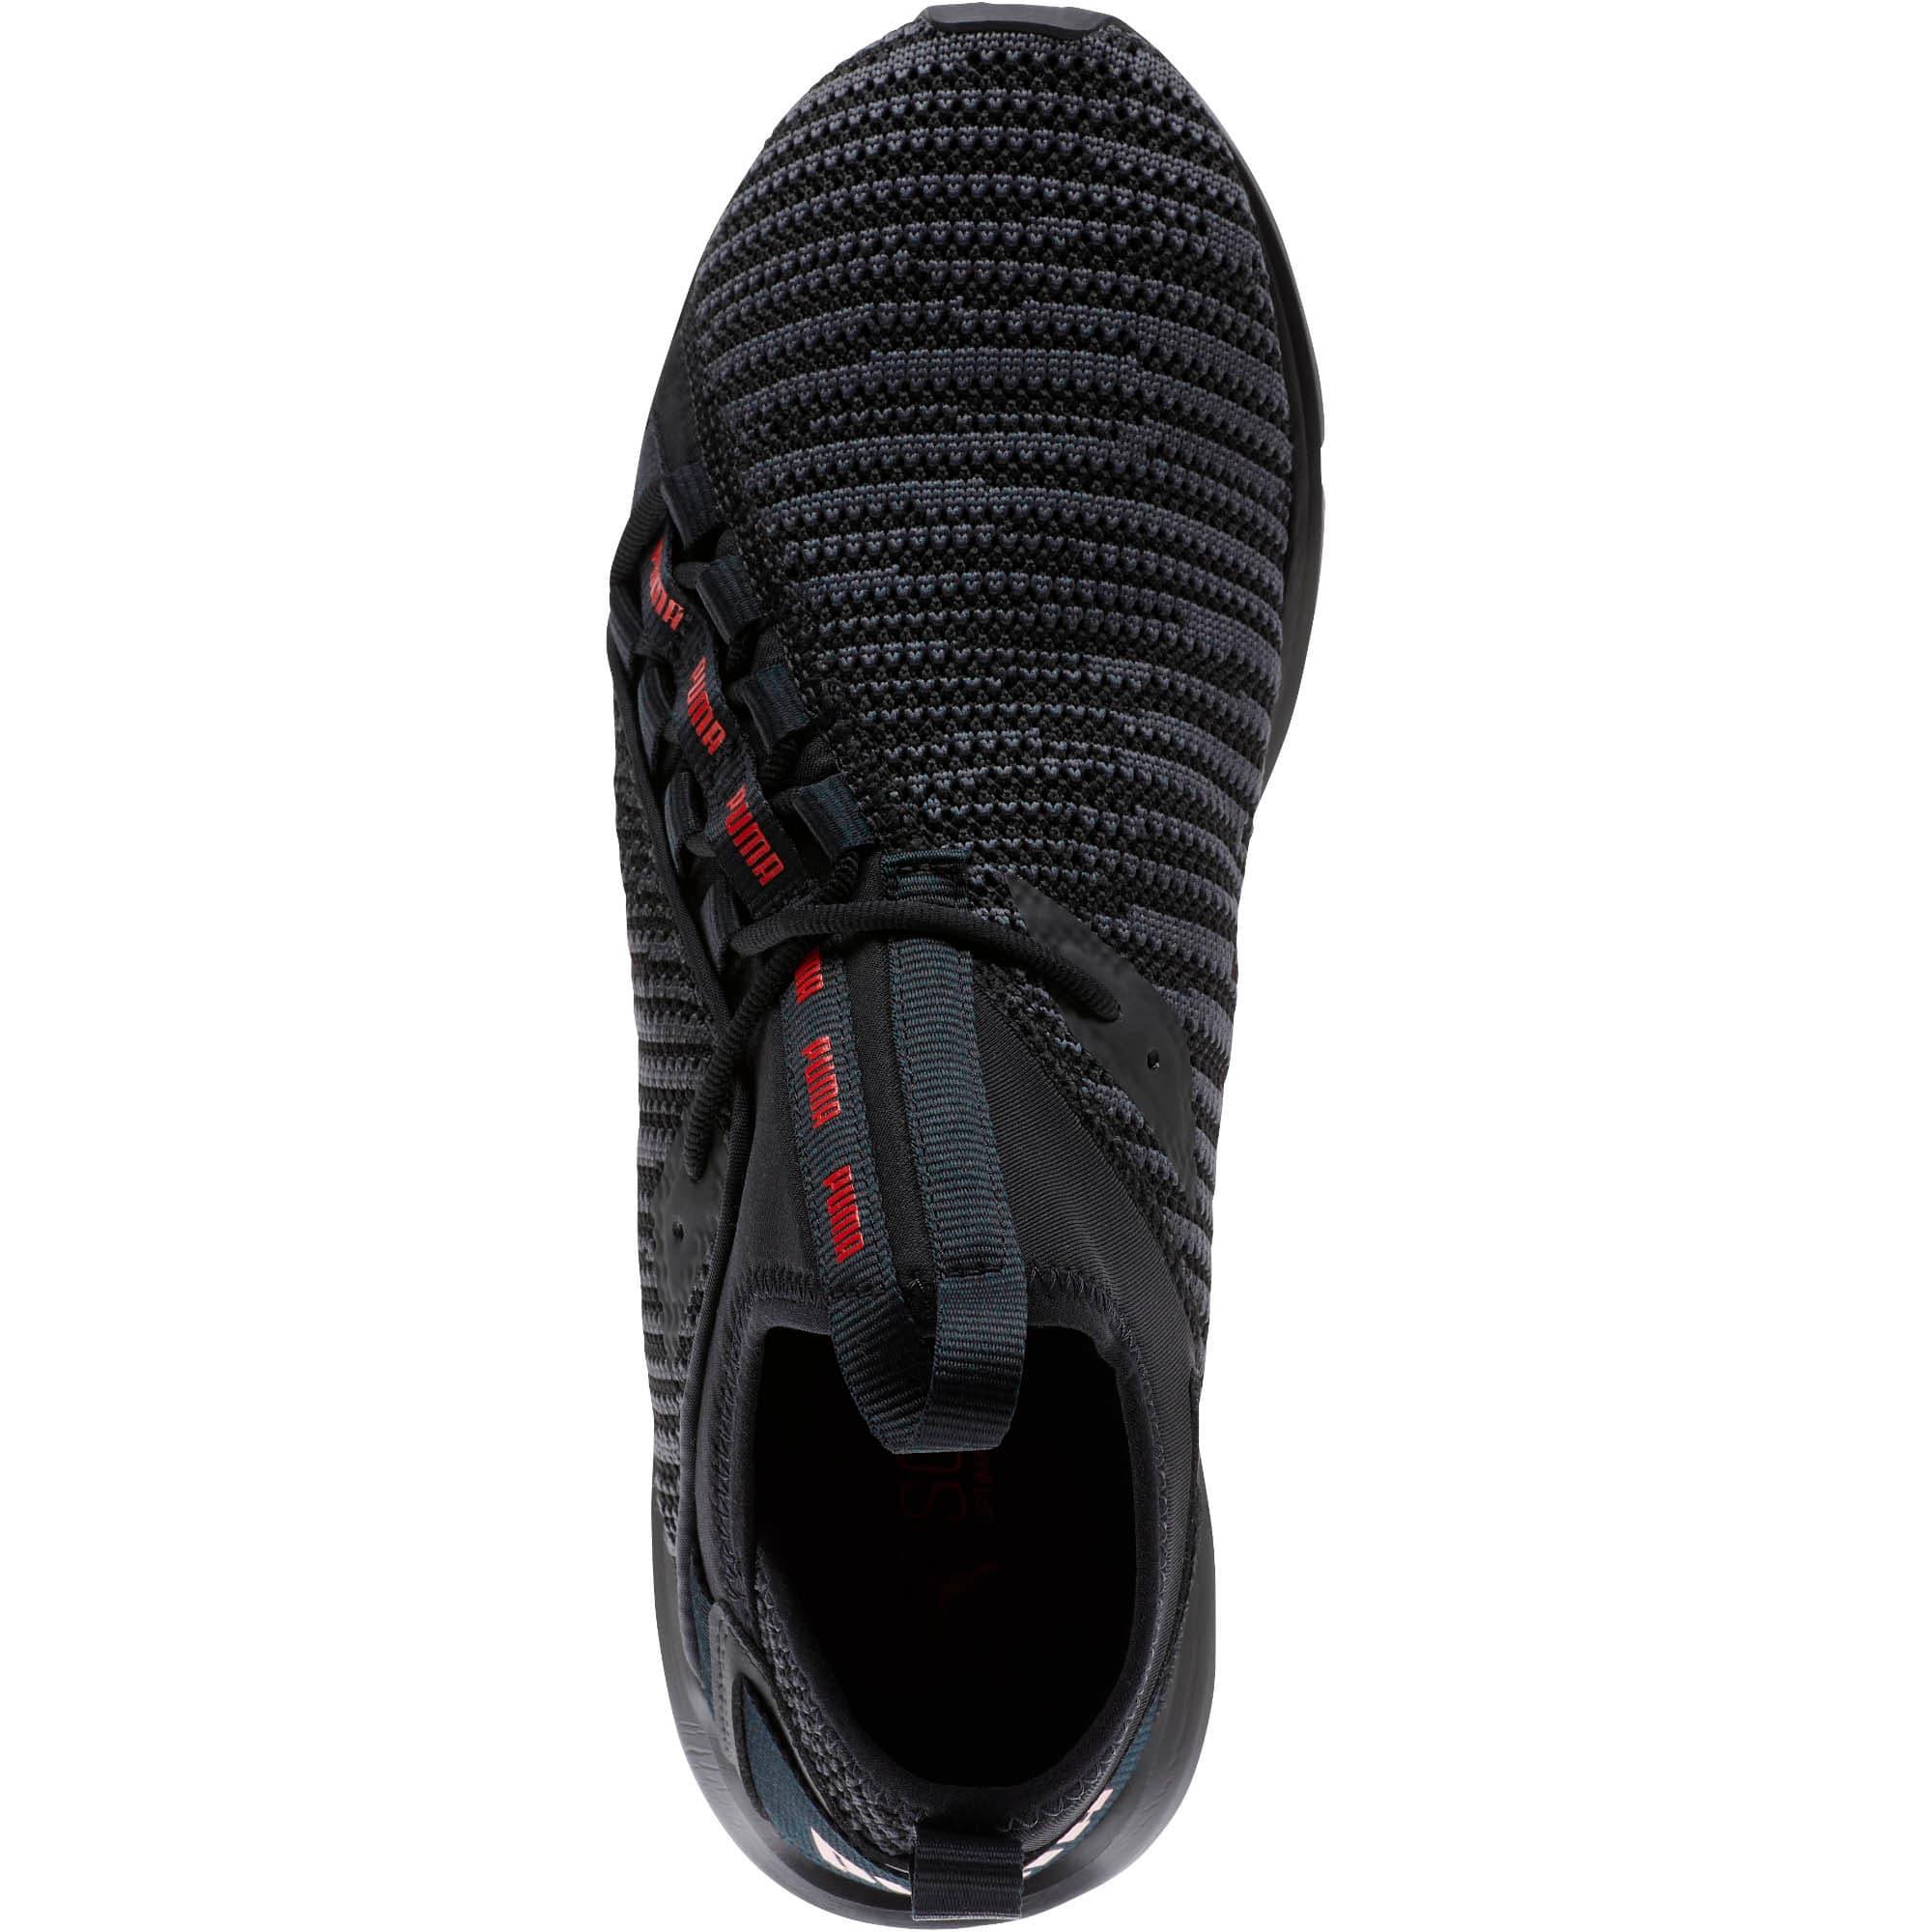 Thumbnail 5 of Enzo Peak Men's Sneakers, Black-Asphalt-High Risk Red, medium